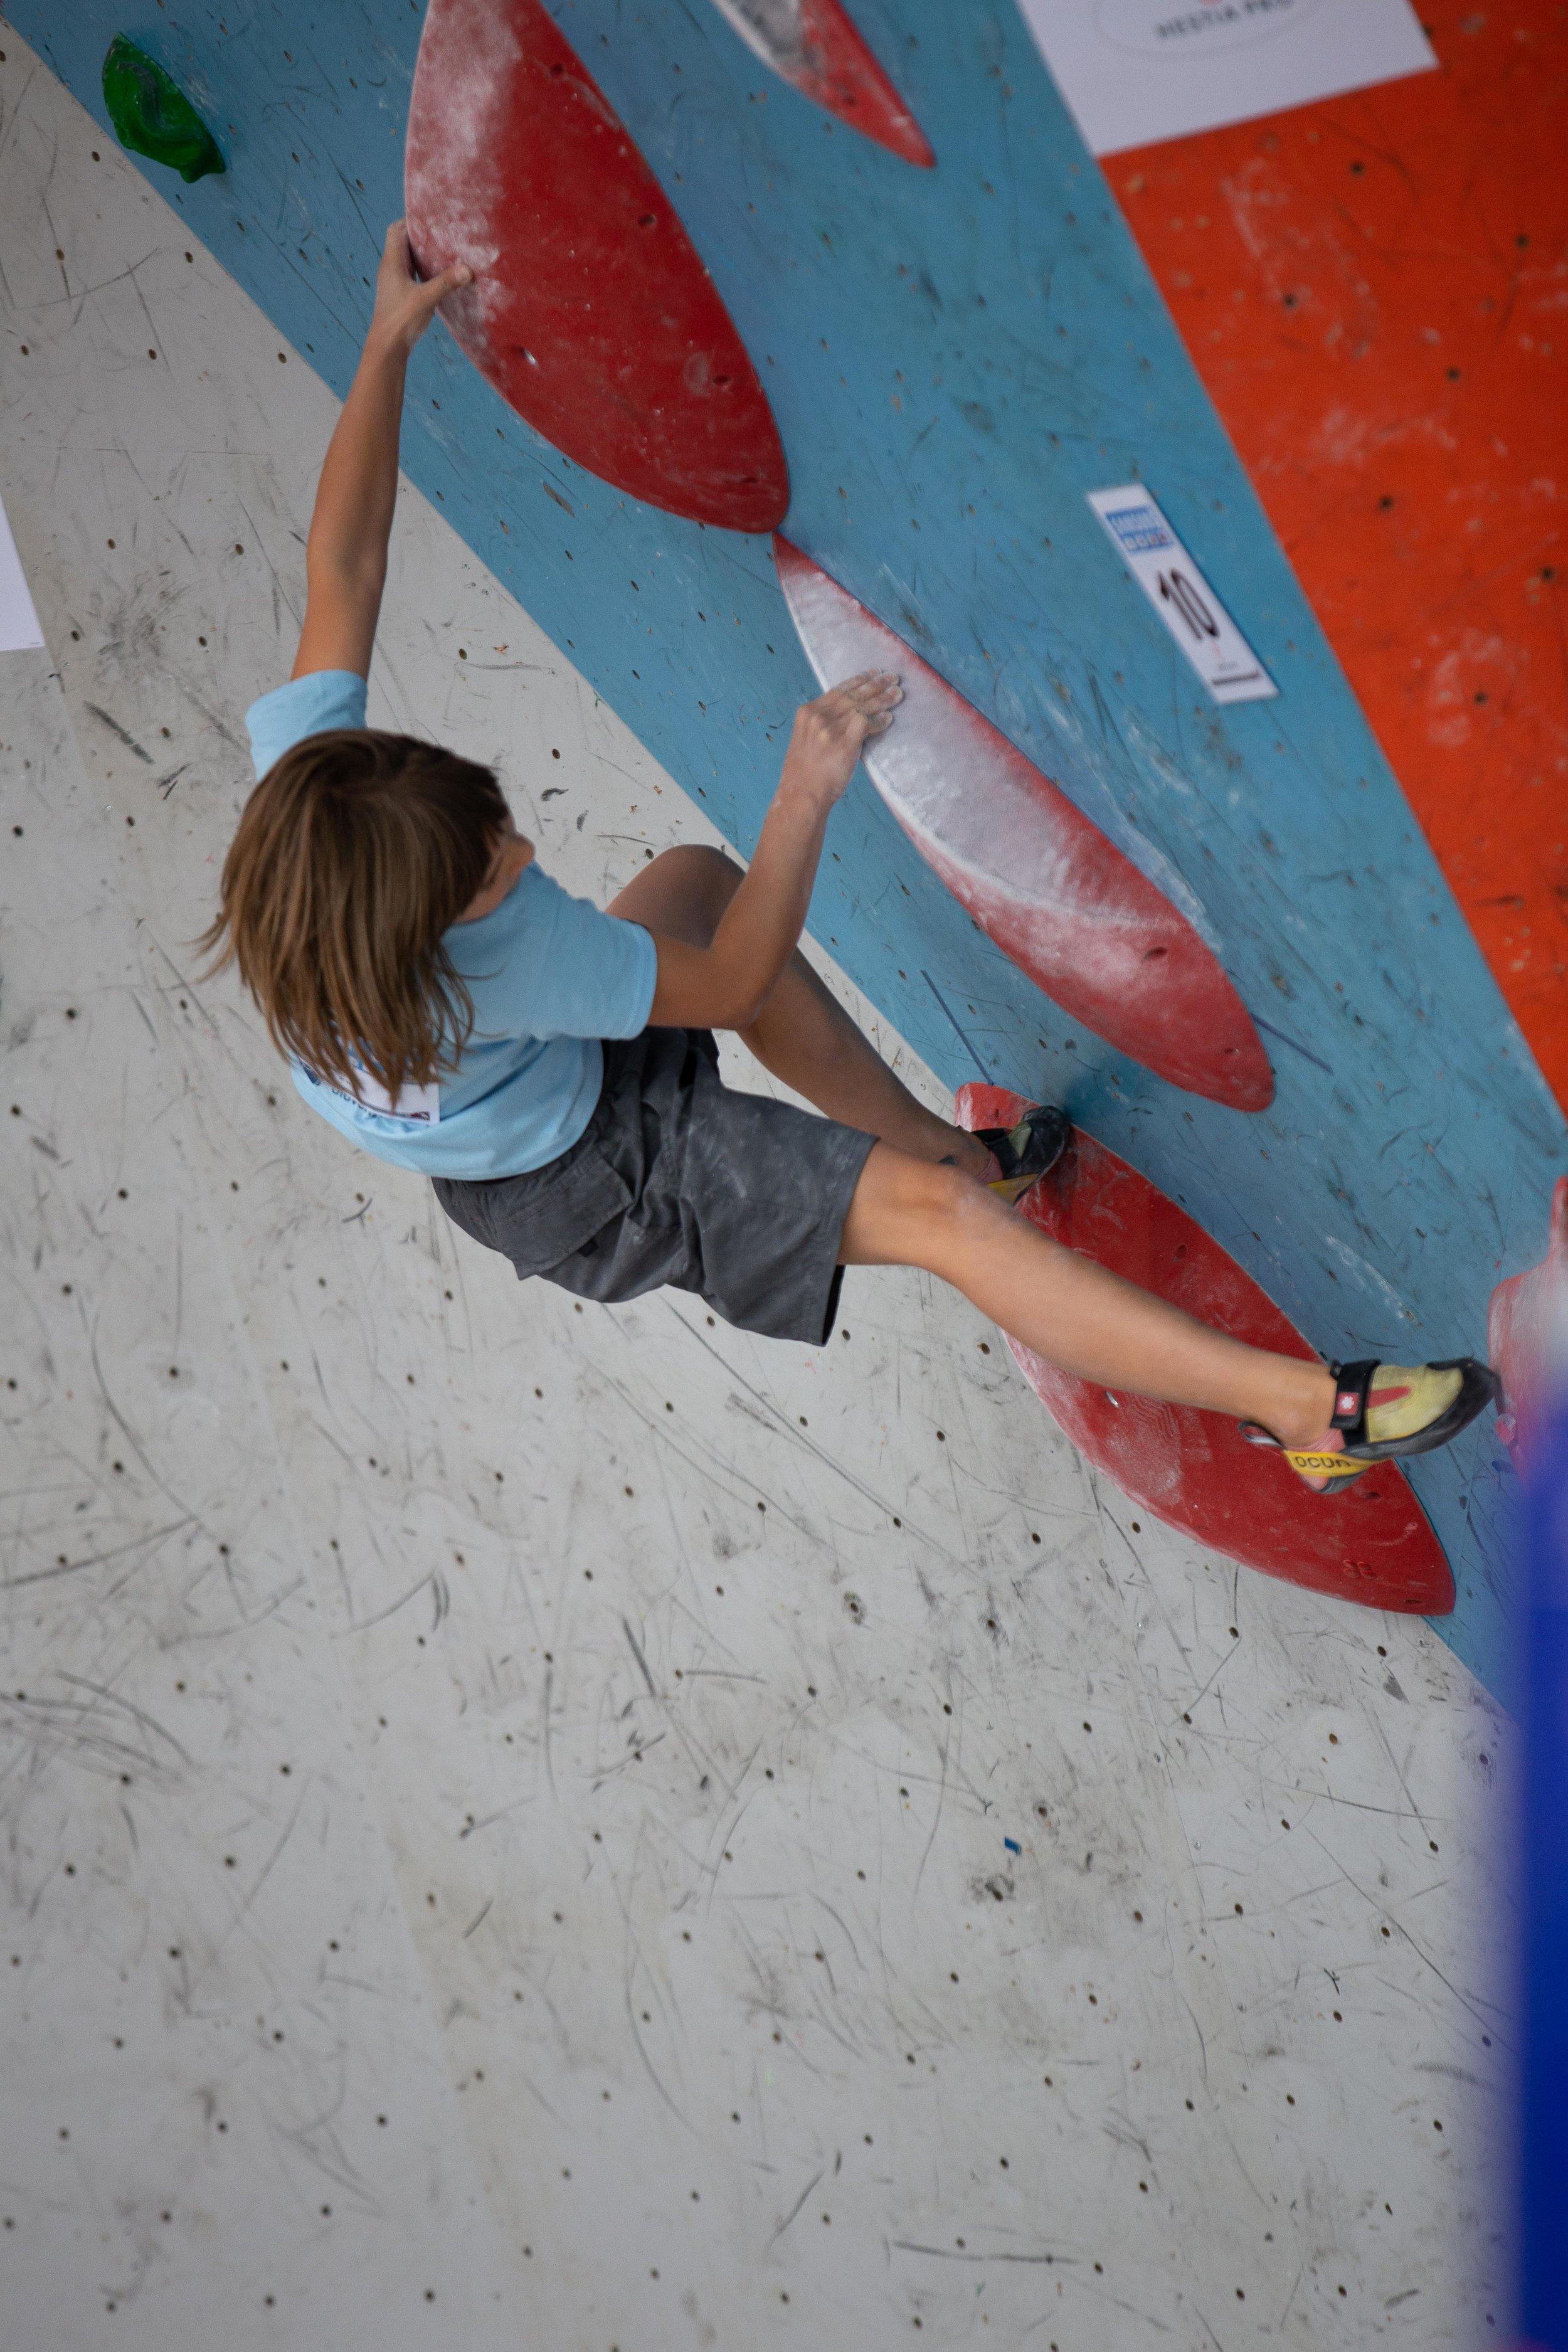 Plezalno društvo Grif državno prvenstvo balvani september 2019_55.jpg